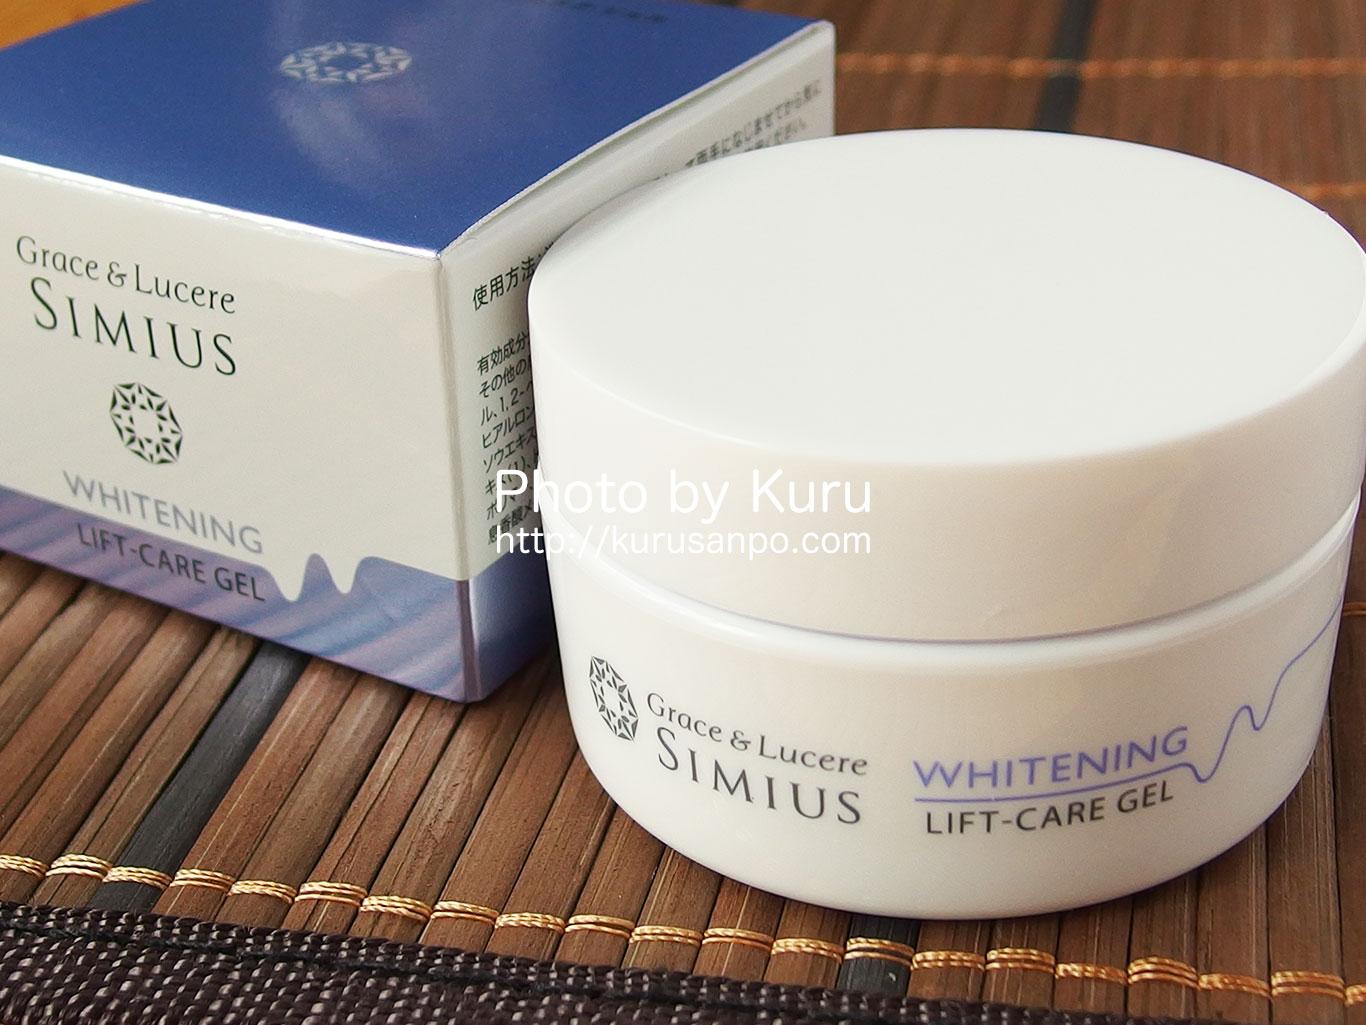 メビウス製薬[(株)メビウス製薬]・Grace&Lucere Simius(グレースアンドケレシミウス)『WHITENING LIFT-CARE GEL(ホワイトニング リフトケアジェル)』